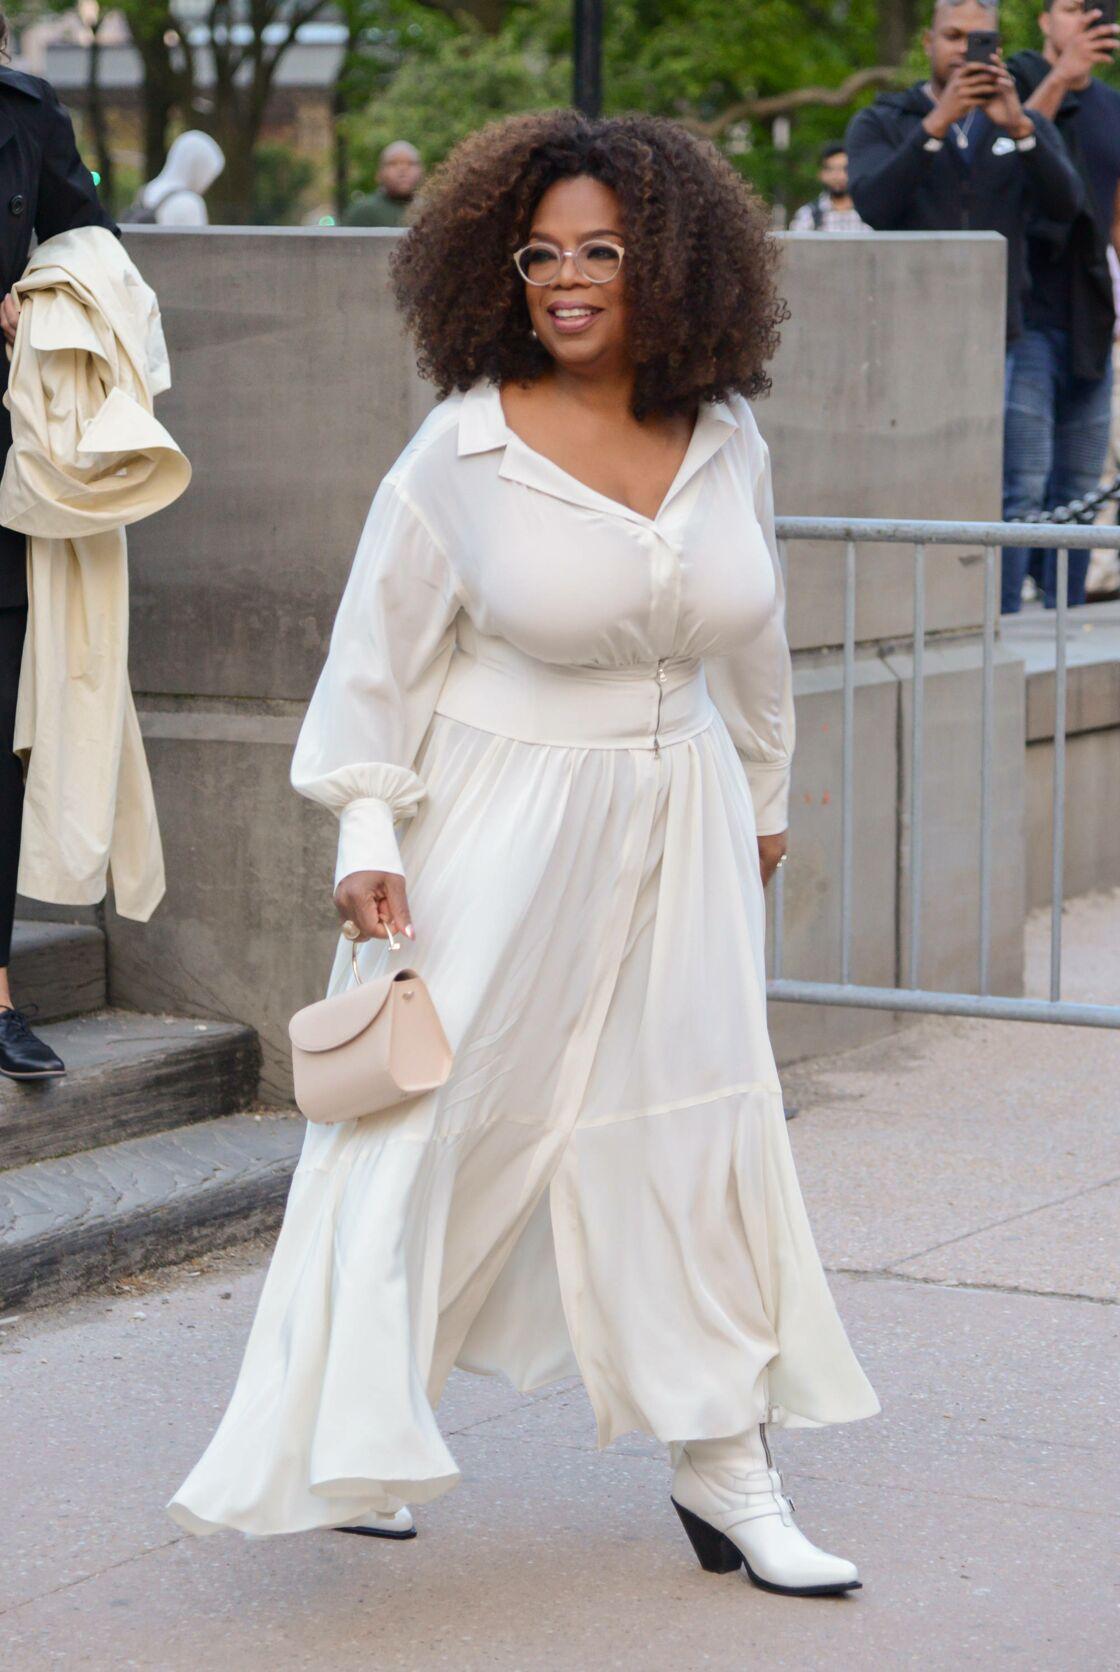 Oprah Winfrey sublime dans ses rondeurs.